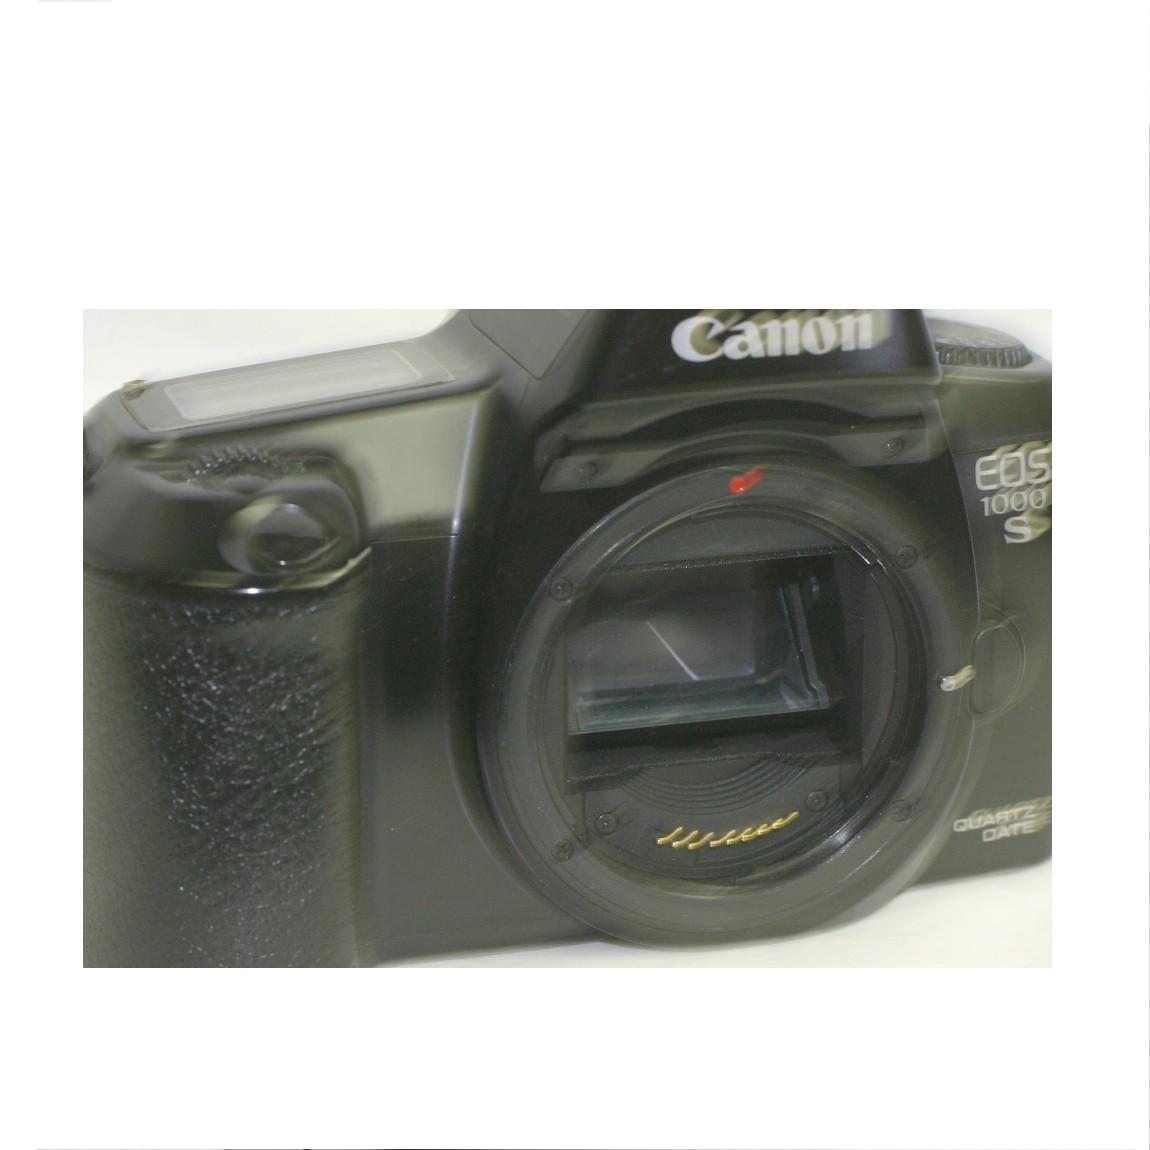 【中古】完動美品キャノンの35mmフィルム使用可能な1眼レフAFカメラEOS1000S ○F14-14-4